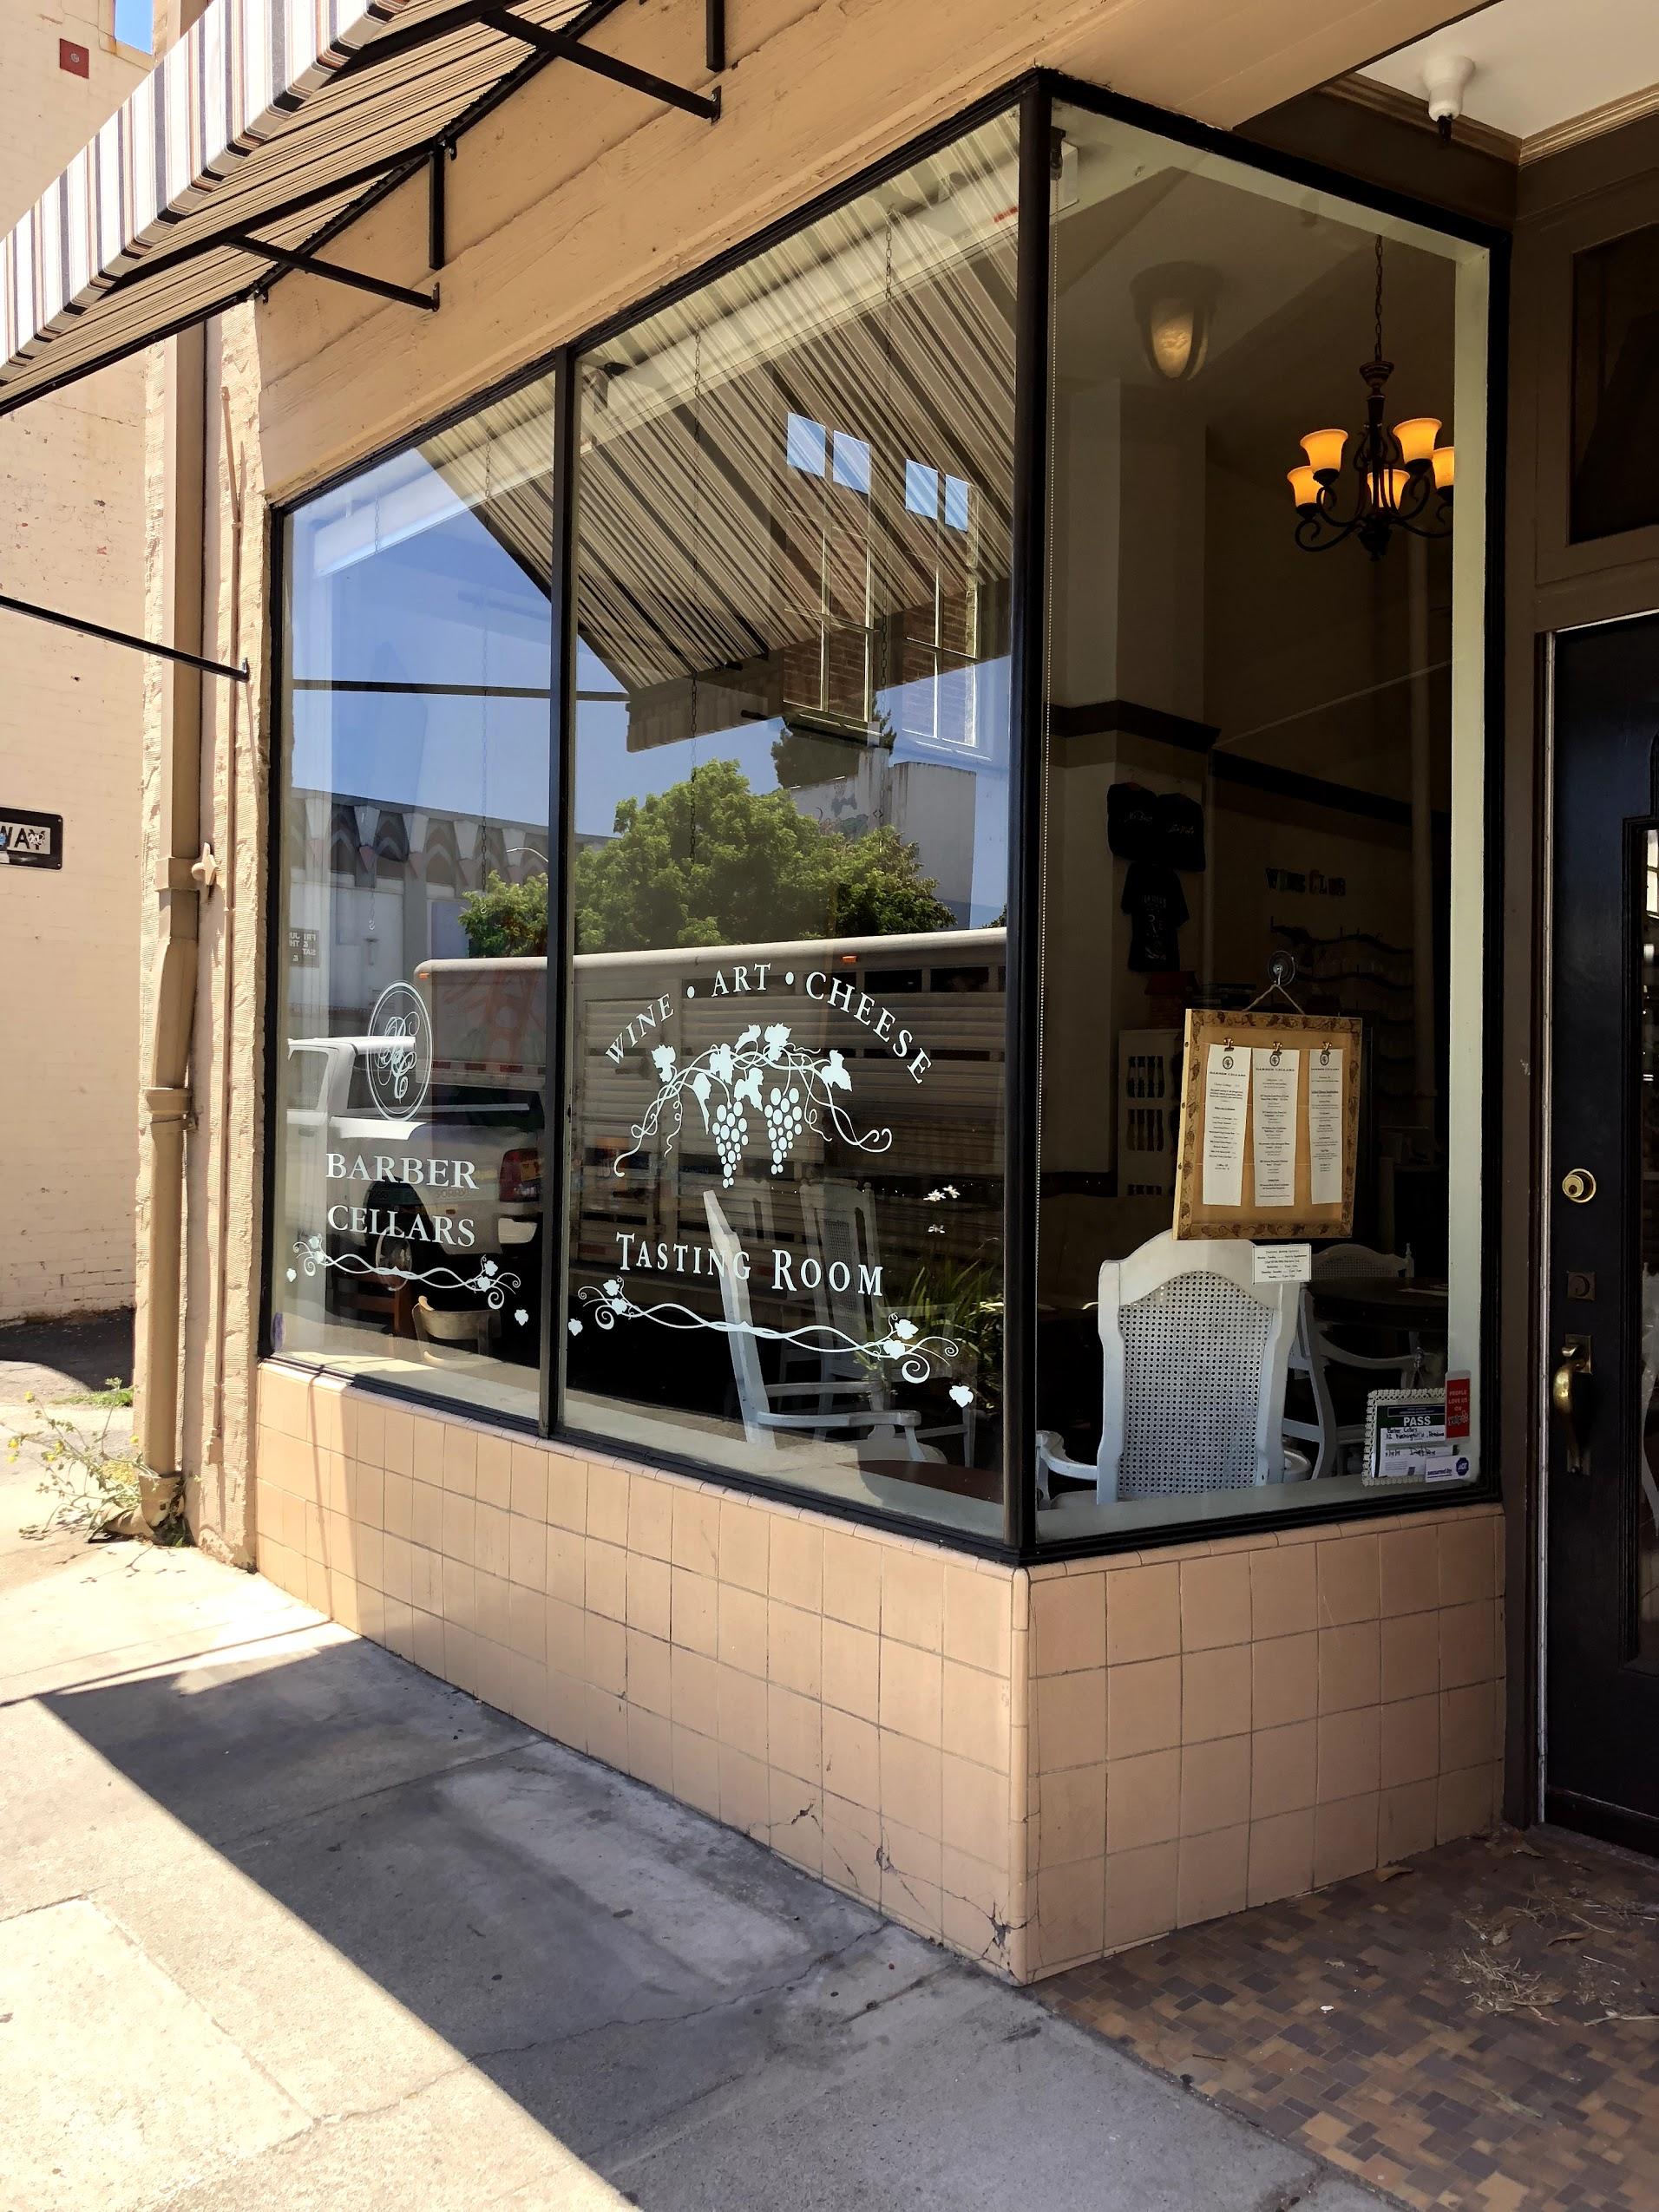 Barber Cellars Petaluma